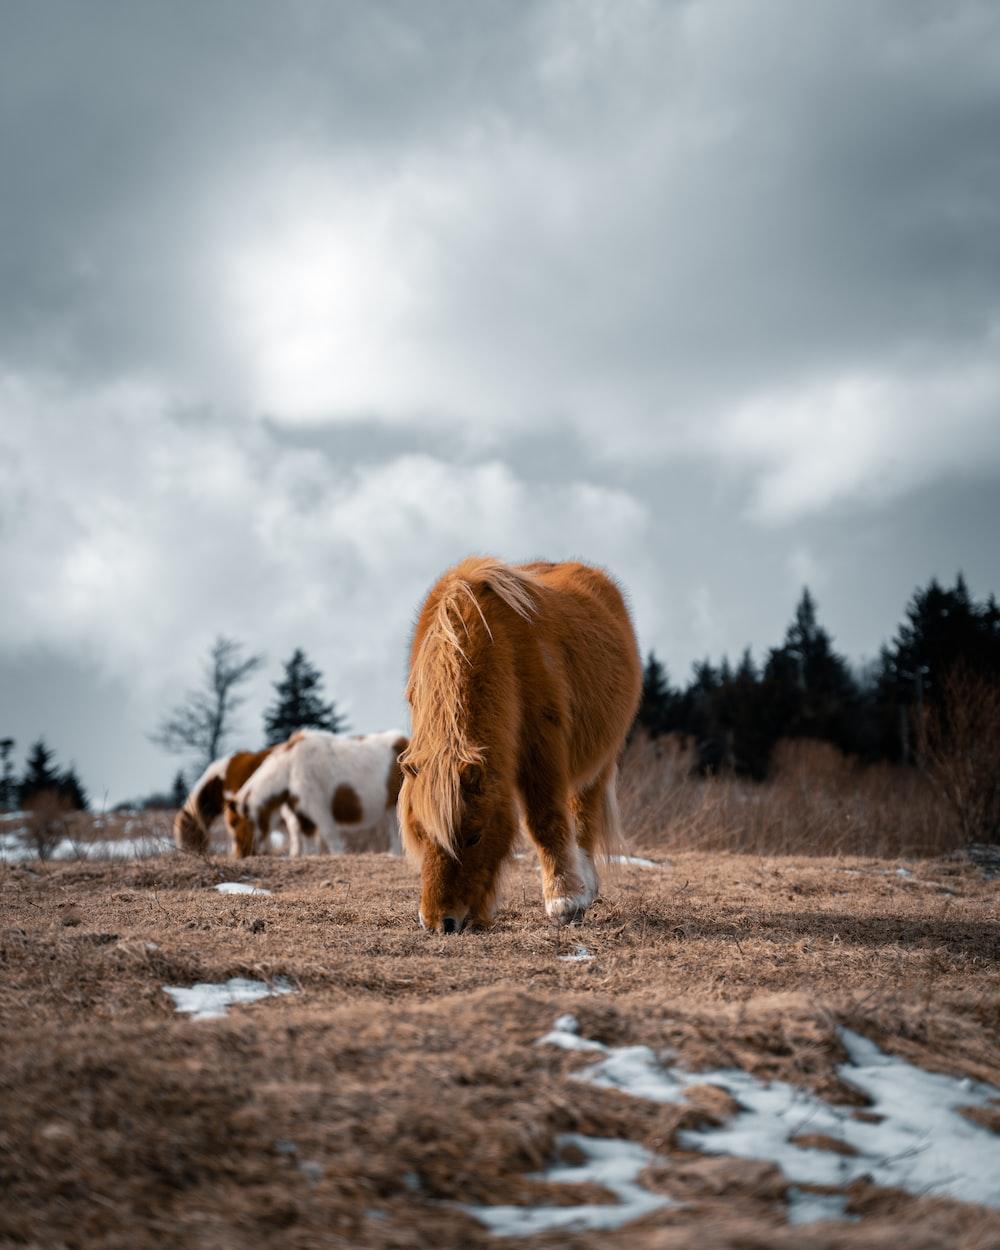 brown horse eats grass